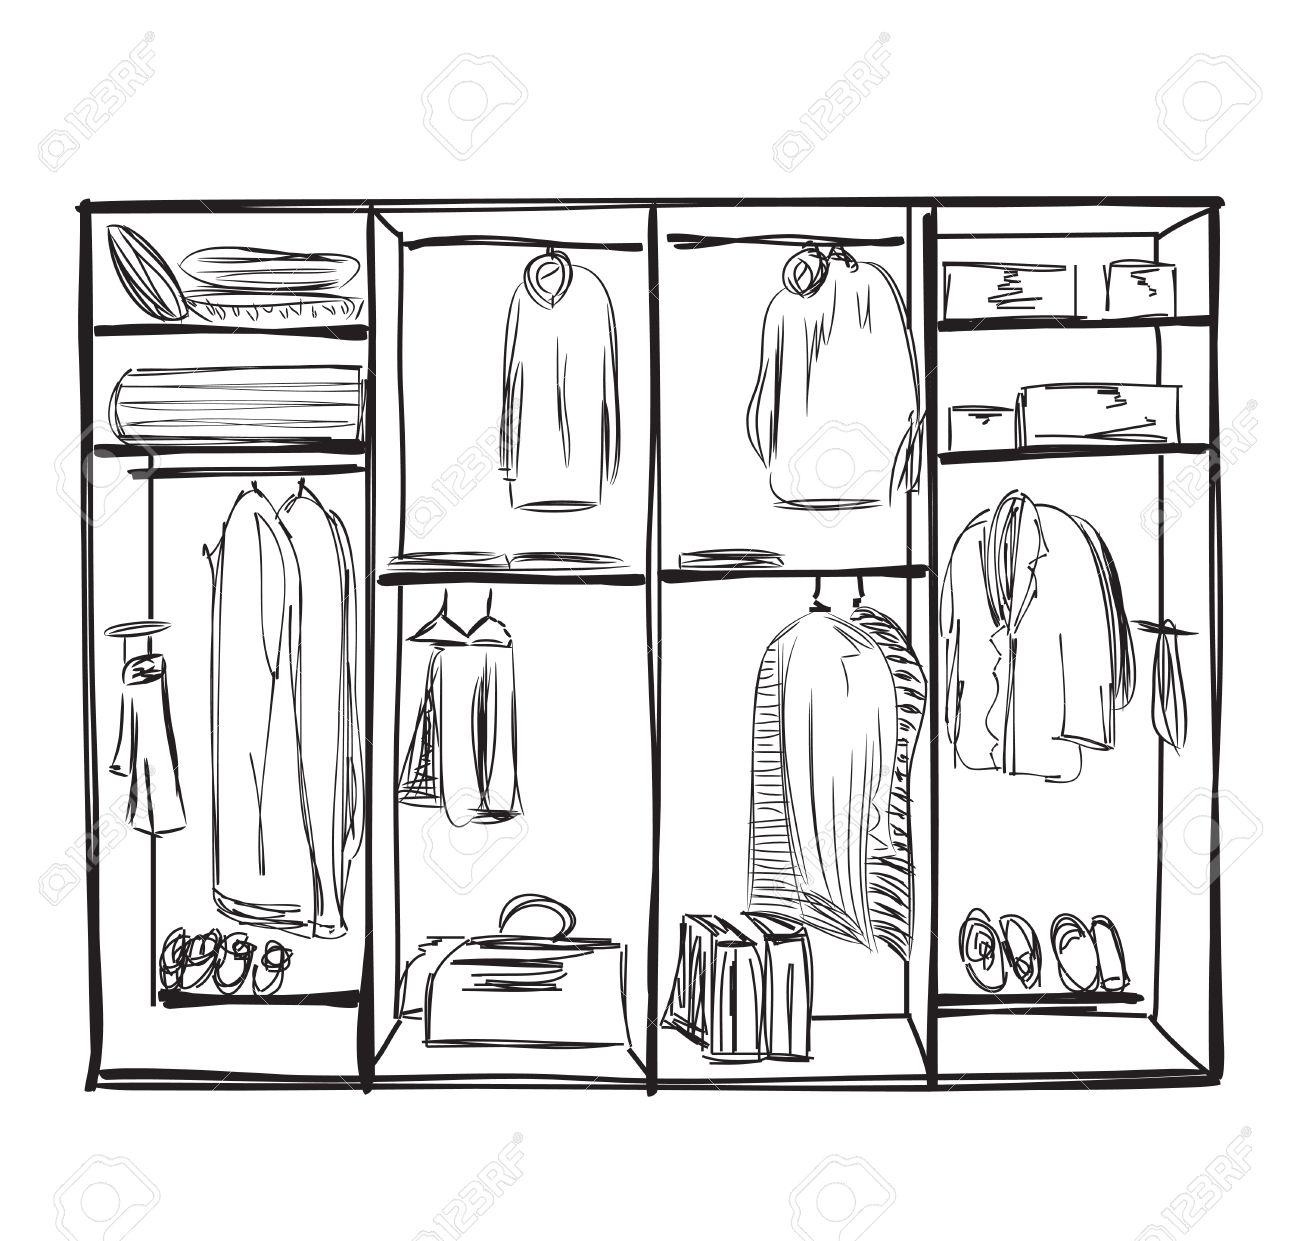 Schrank gezeichnet  Kleiderschrank Gezeichnet | tentfox.com